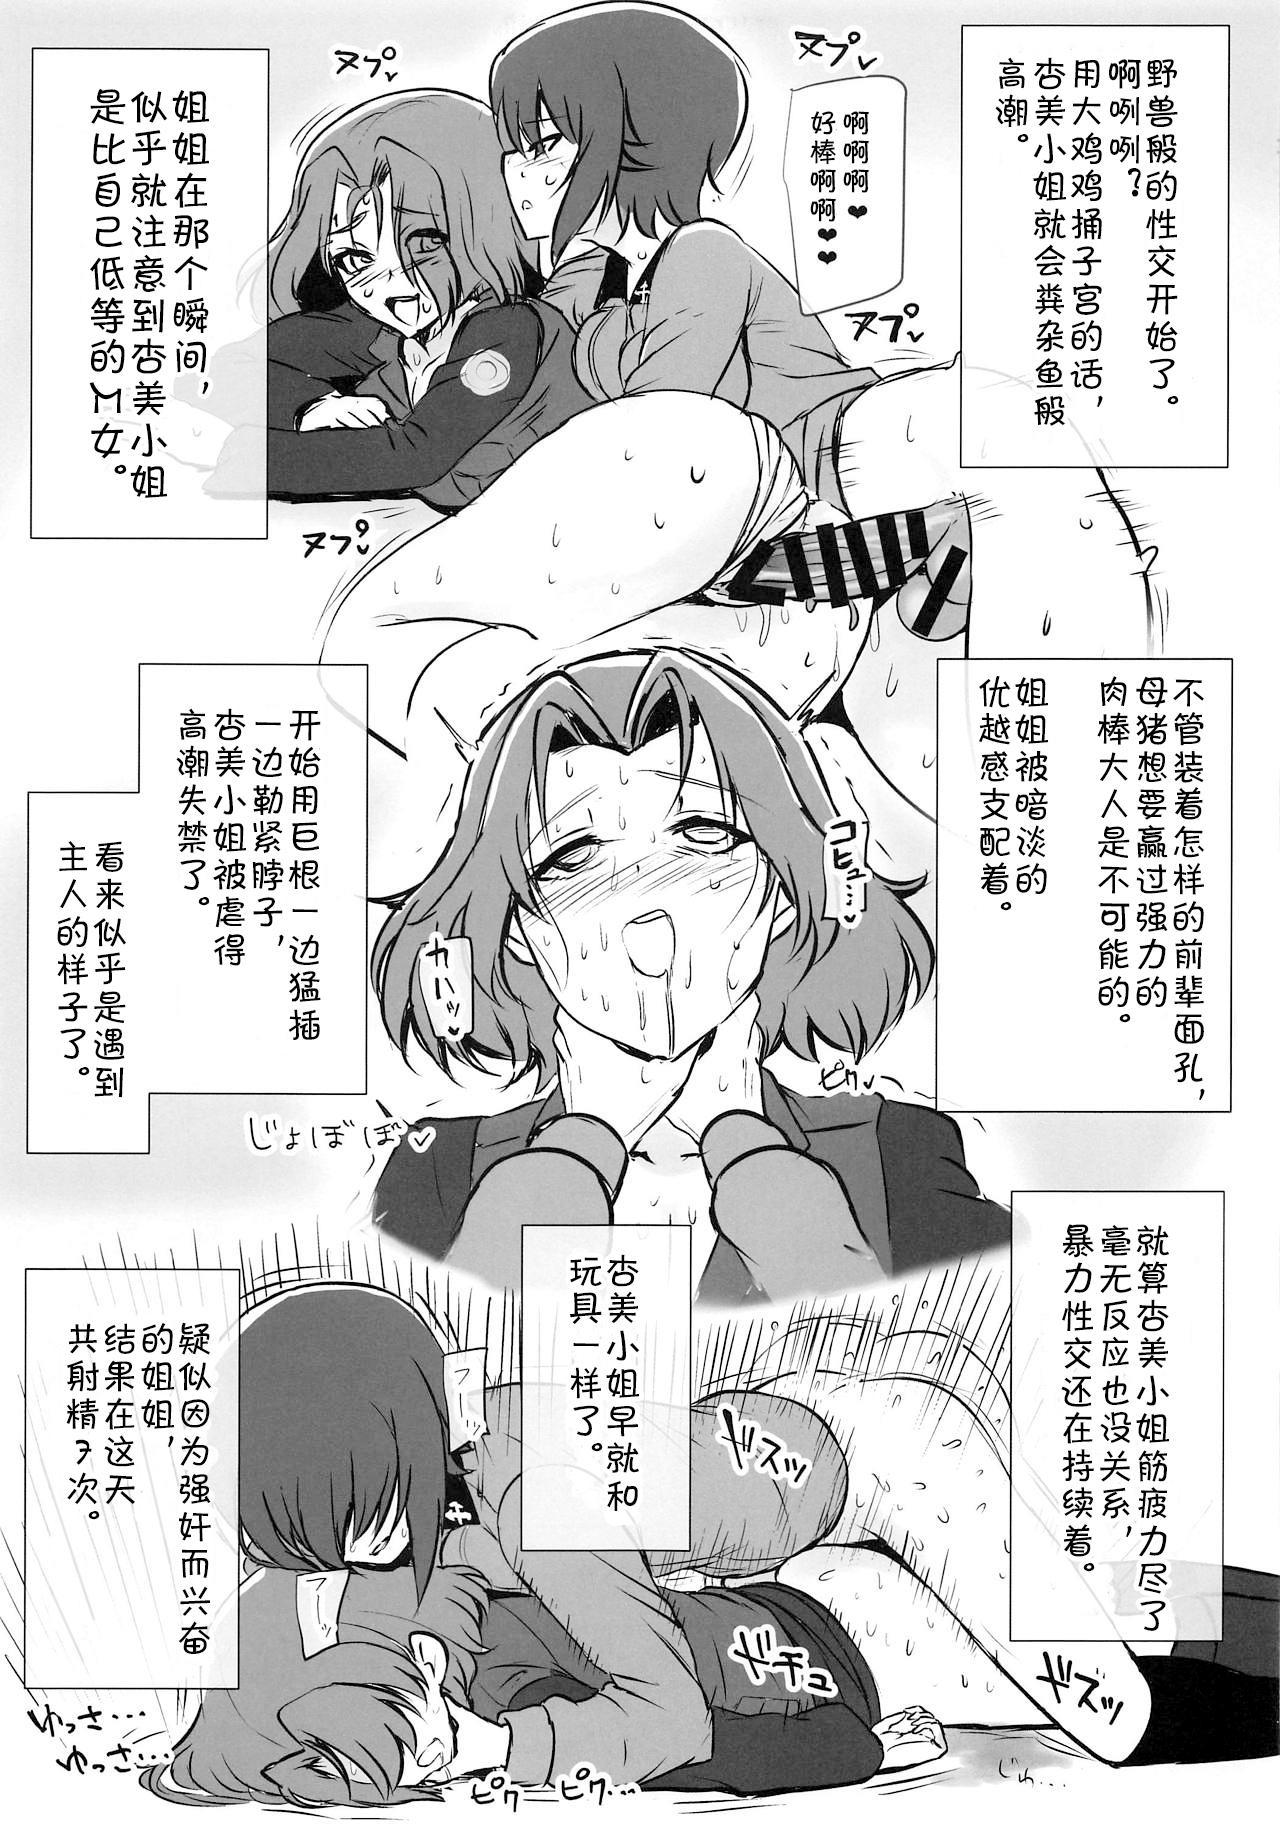 Futa Maho Seiyoku Nikki 12